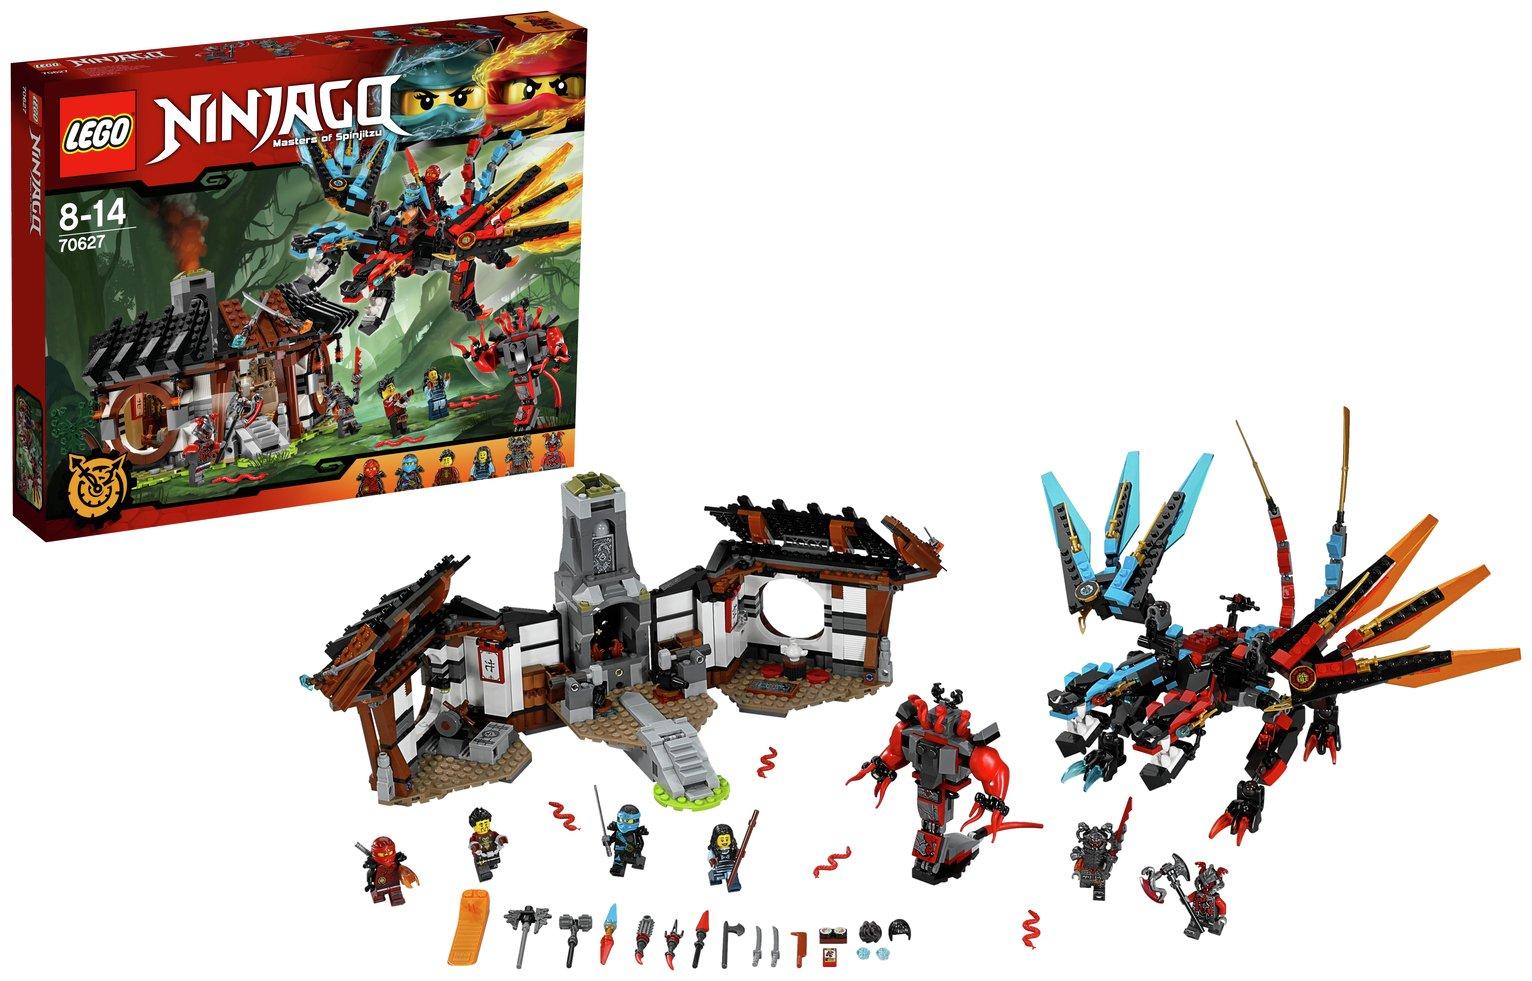 LEGO Ninjago Dragon's Forge - 70627